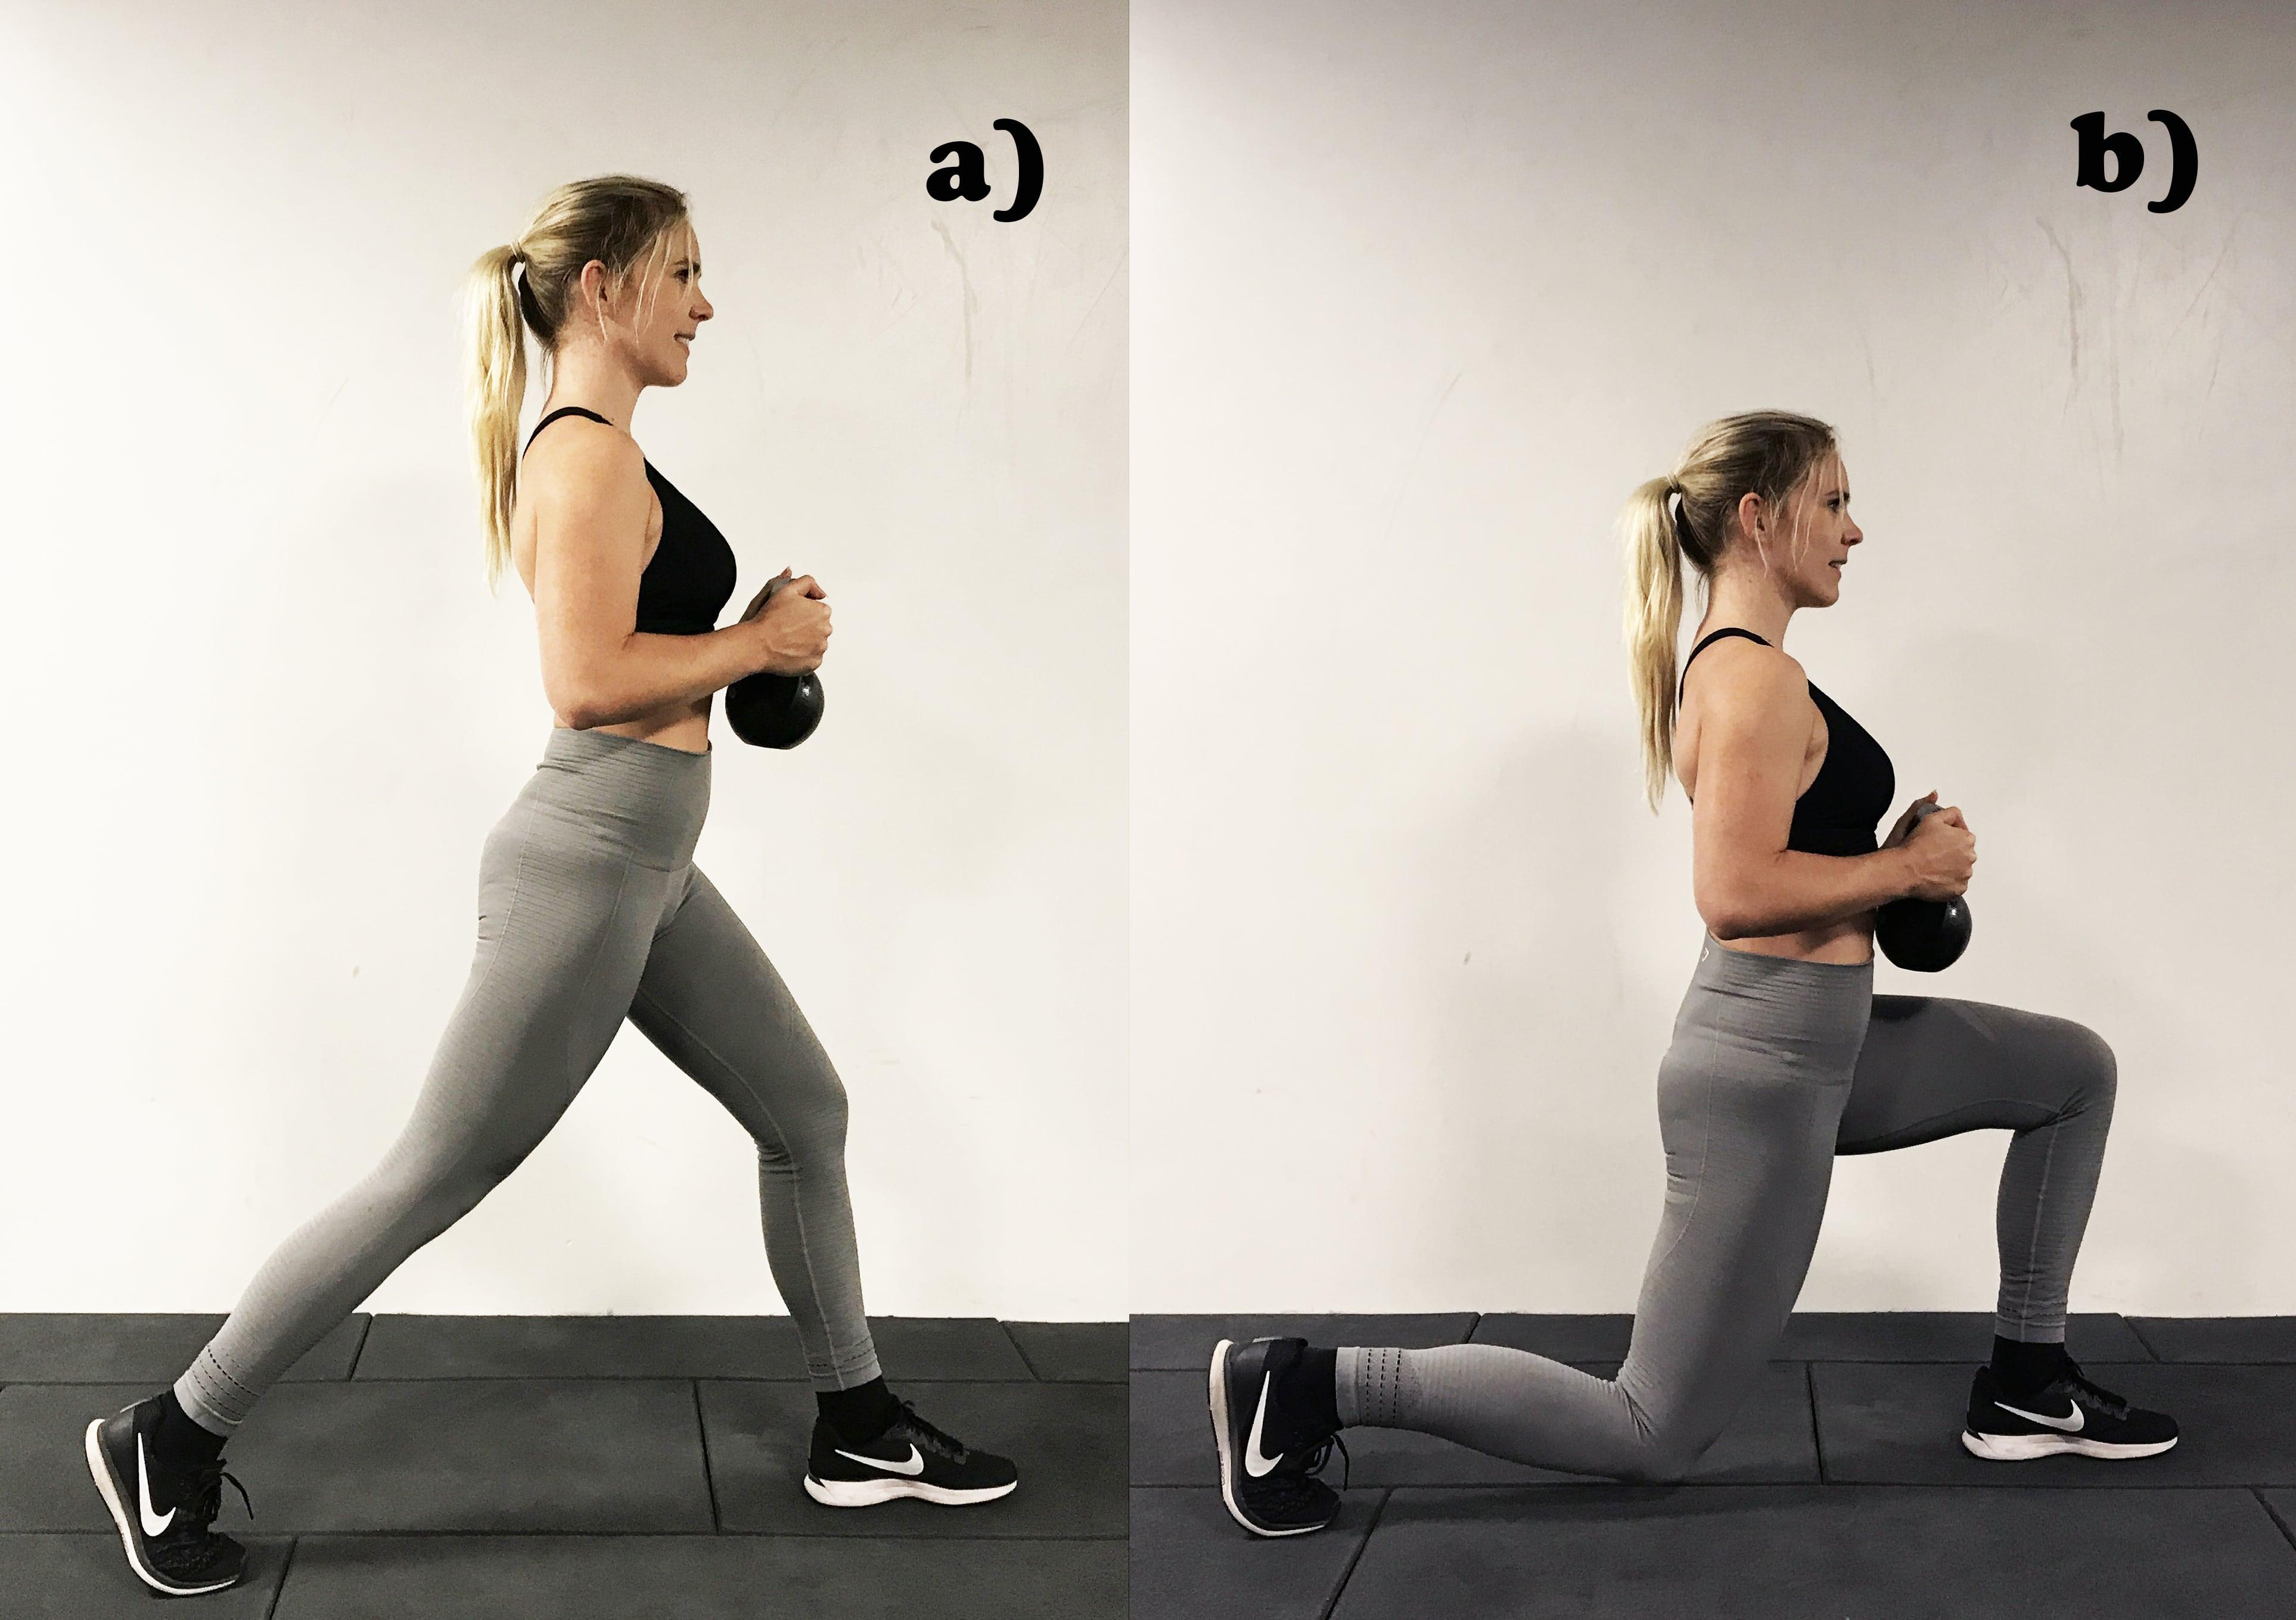 Kettlebell utfall övning lunges